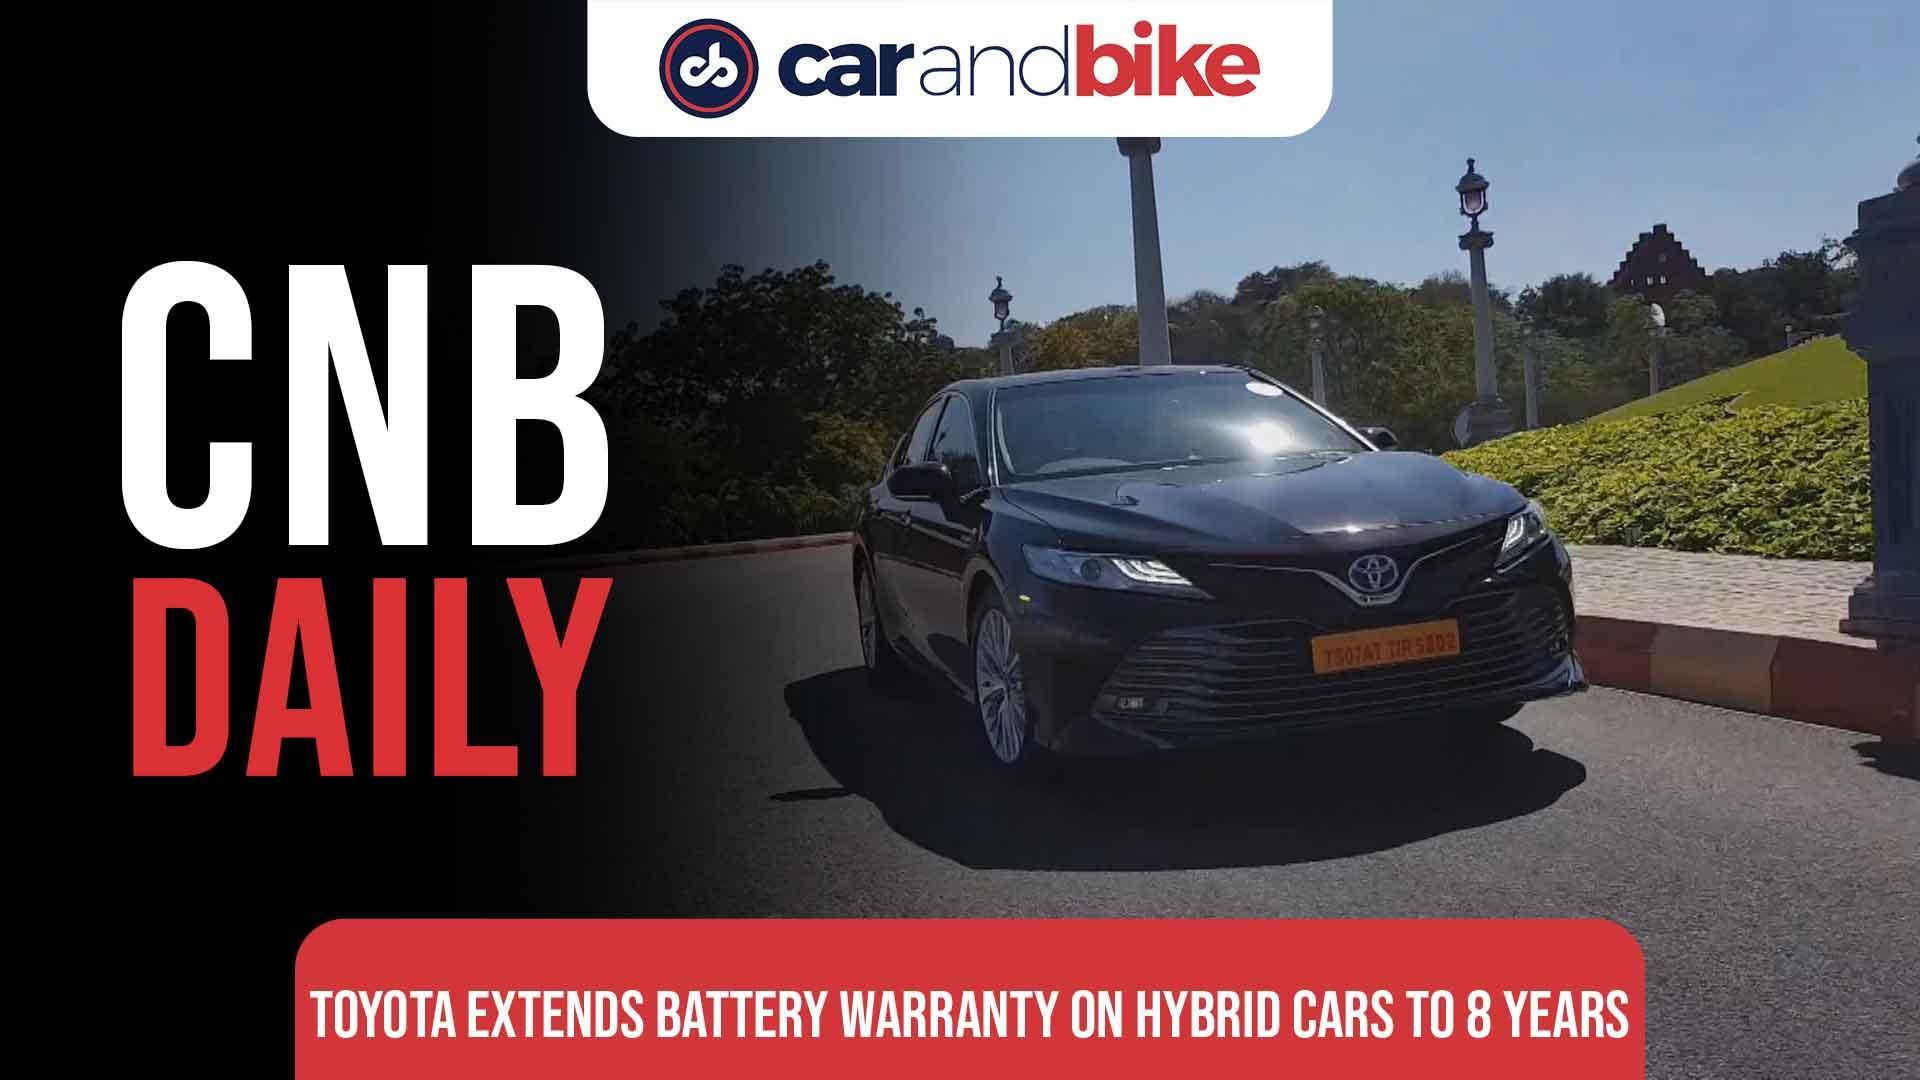 Toyota Extends Battery Warranty On Hybrid Cars